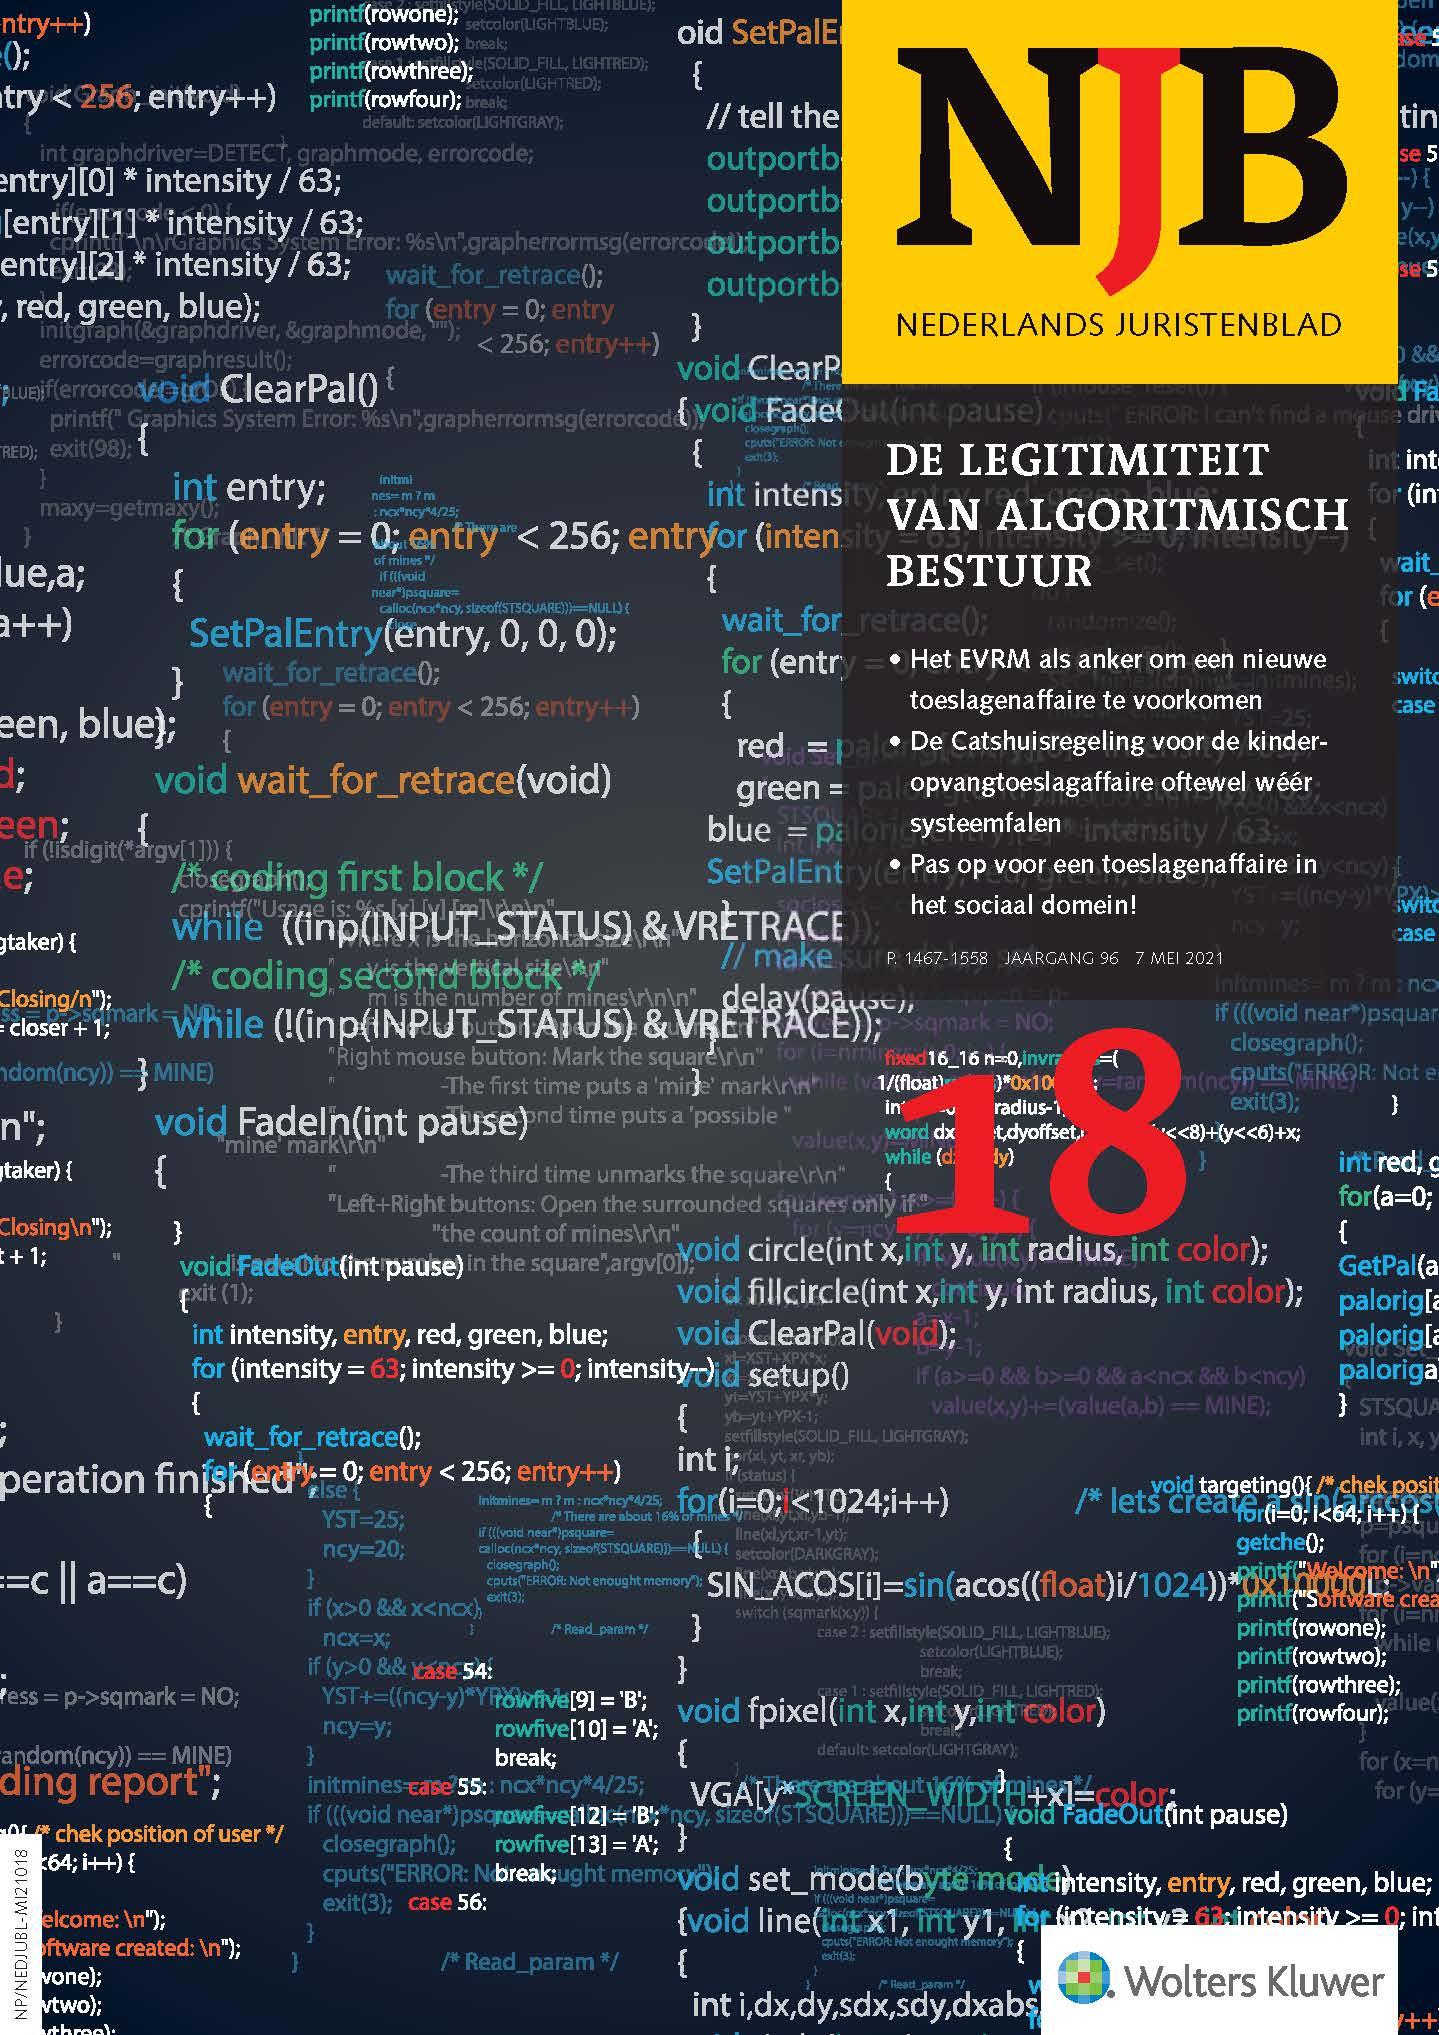 De legitimiteit van het algoritmisch bestuur - Een systematisch overzicht van bedreigingen en oplossingsrichtingen